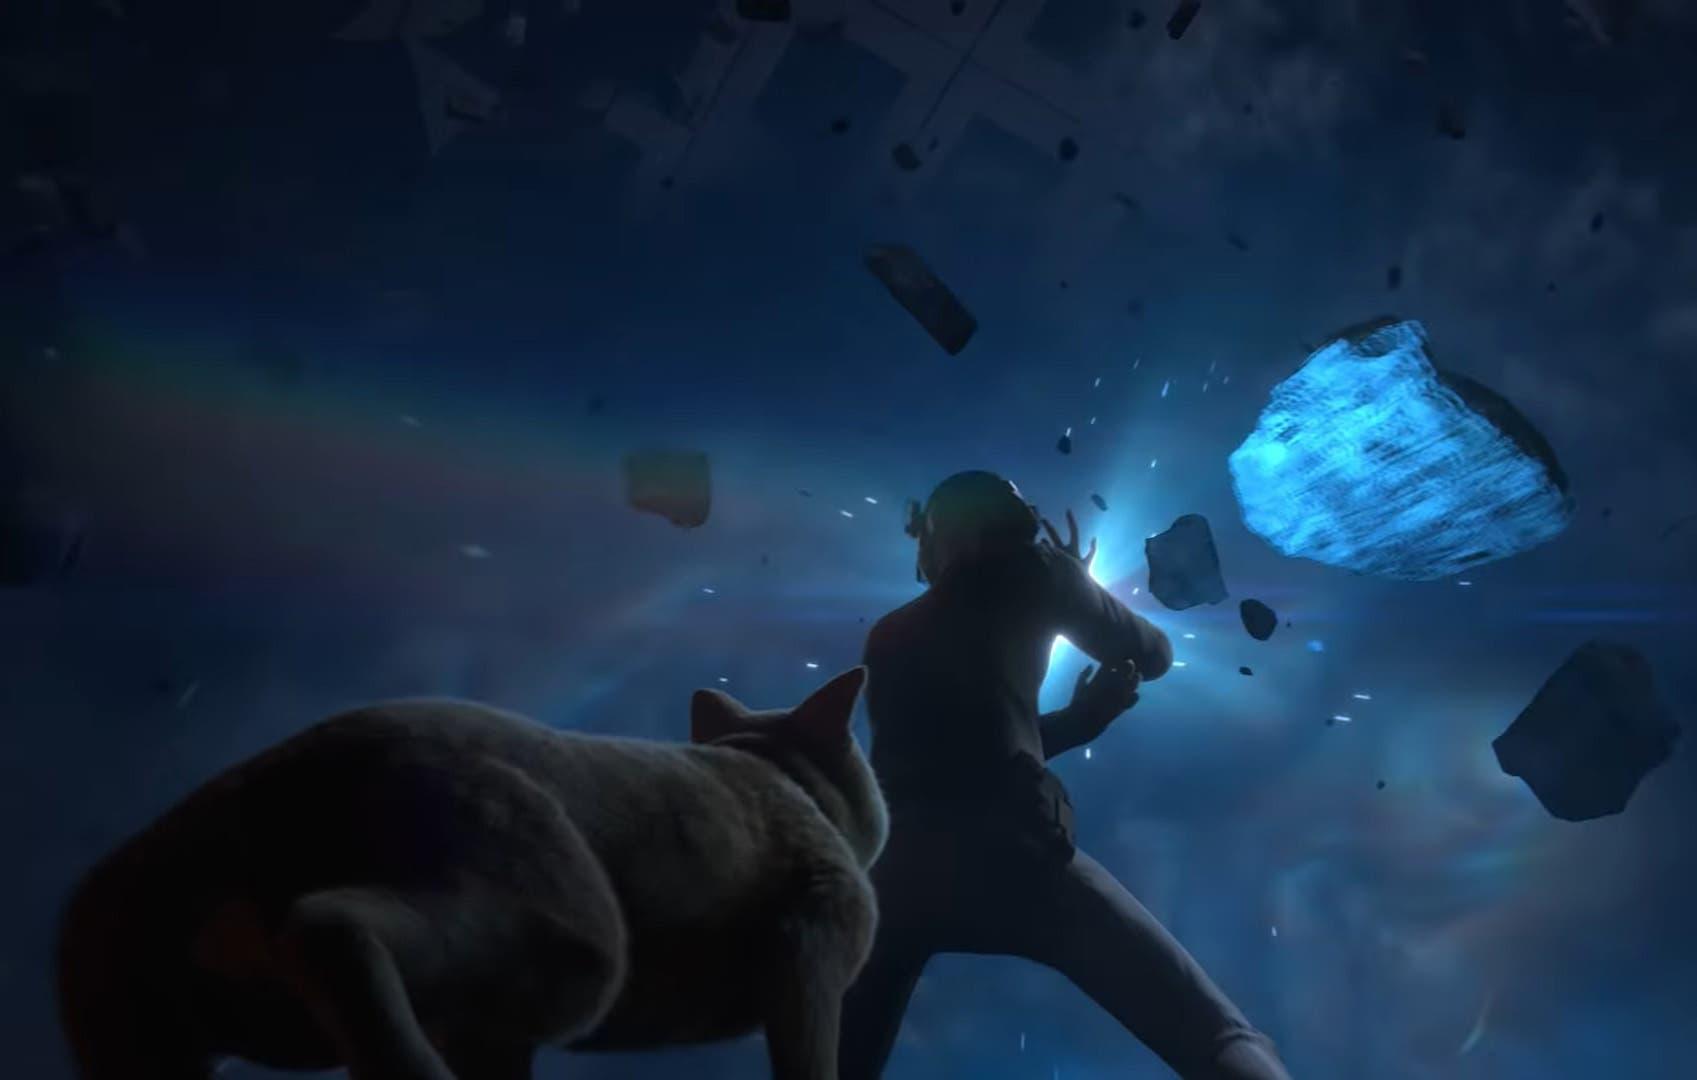 Platinum Games anuncia Project G.G., el nuevo juego de Hideki Kamiya 4